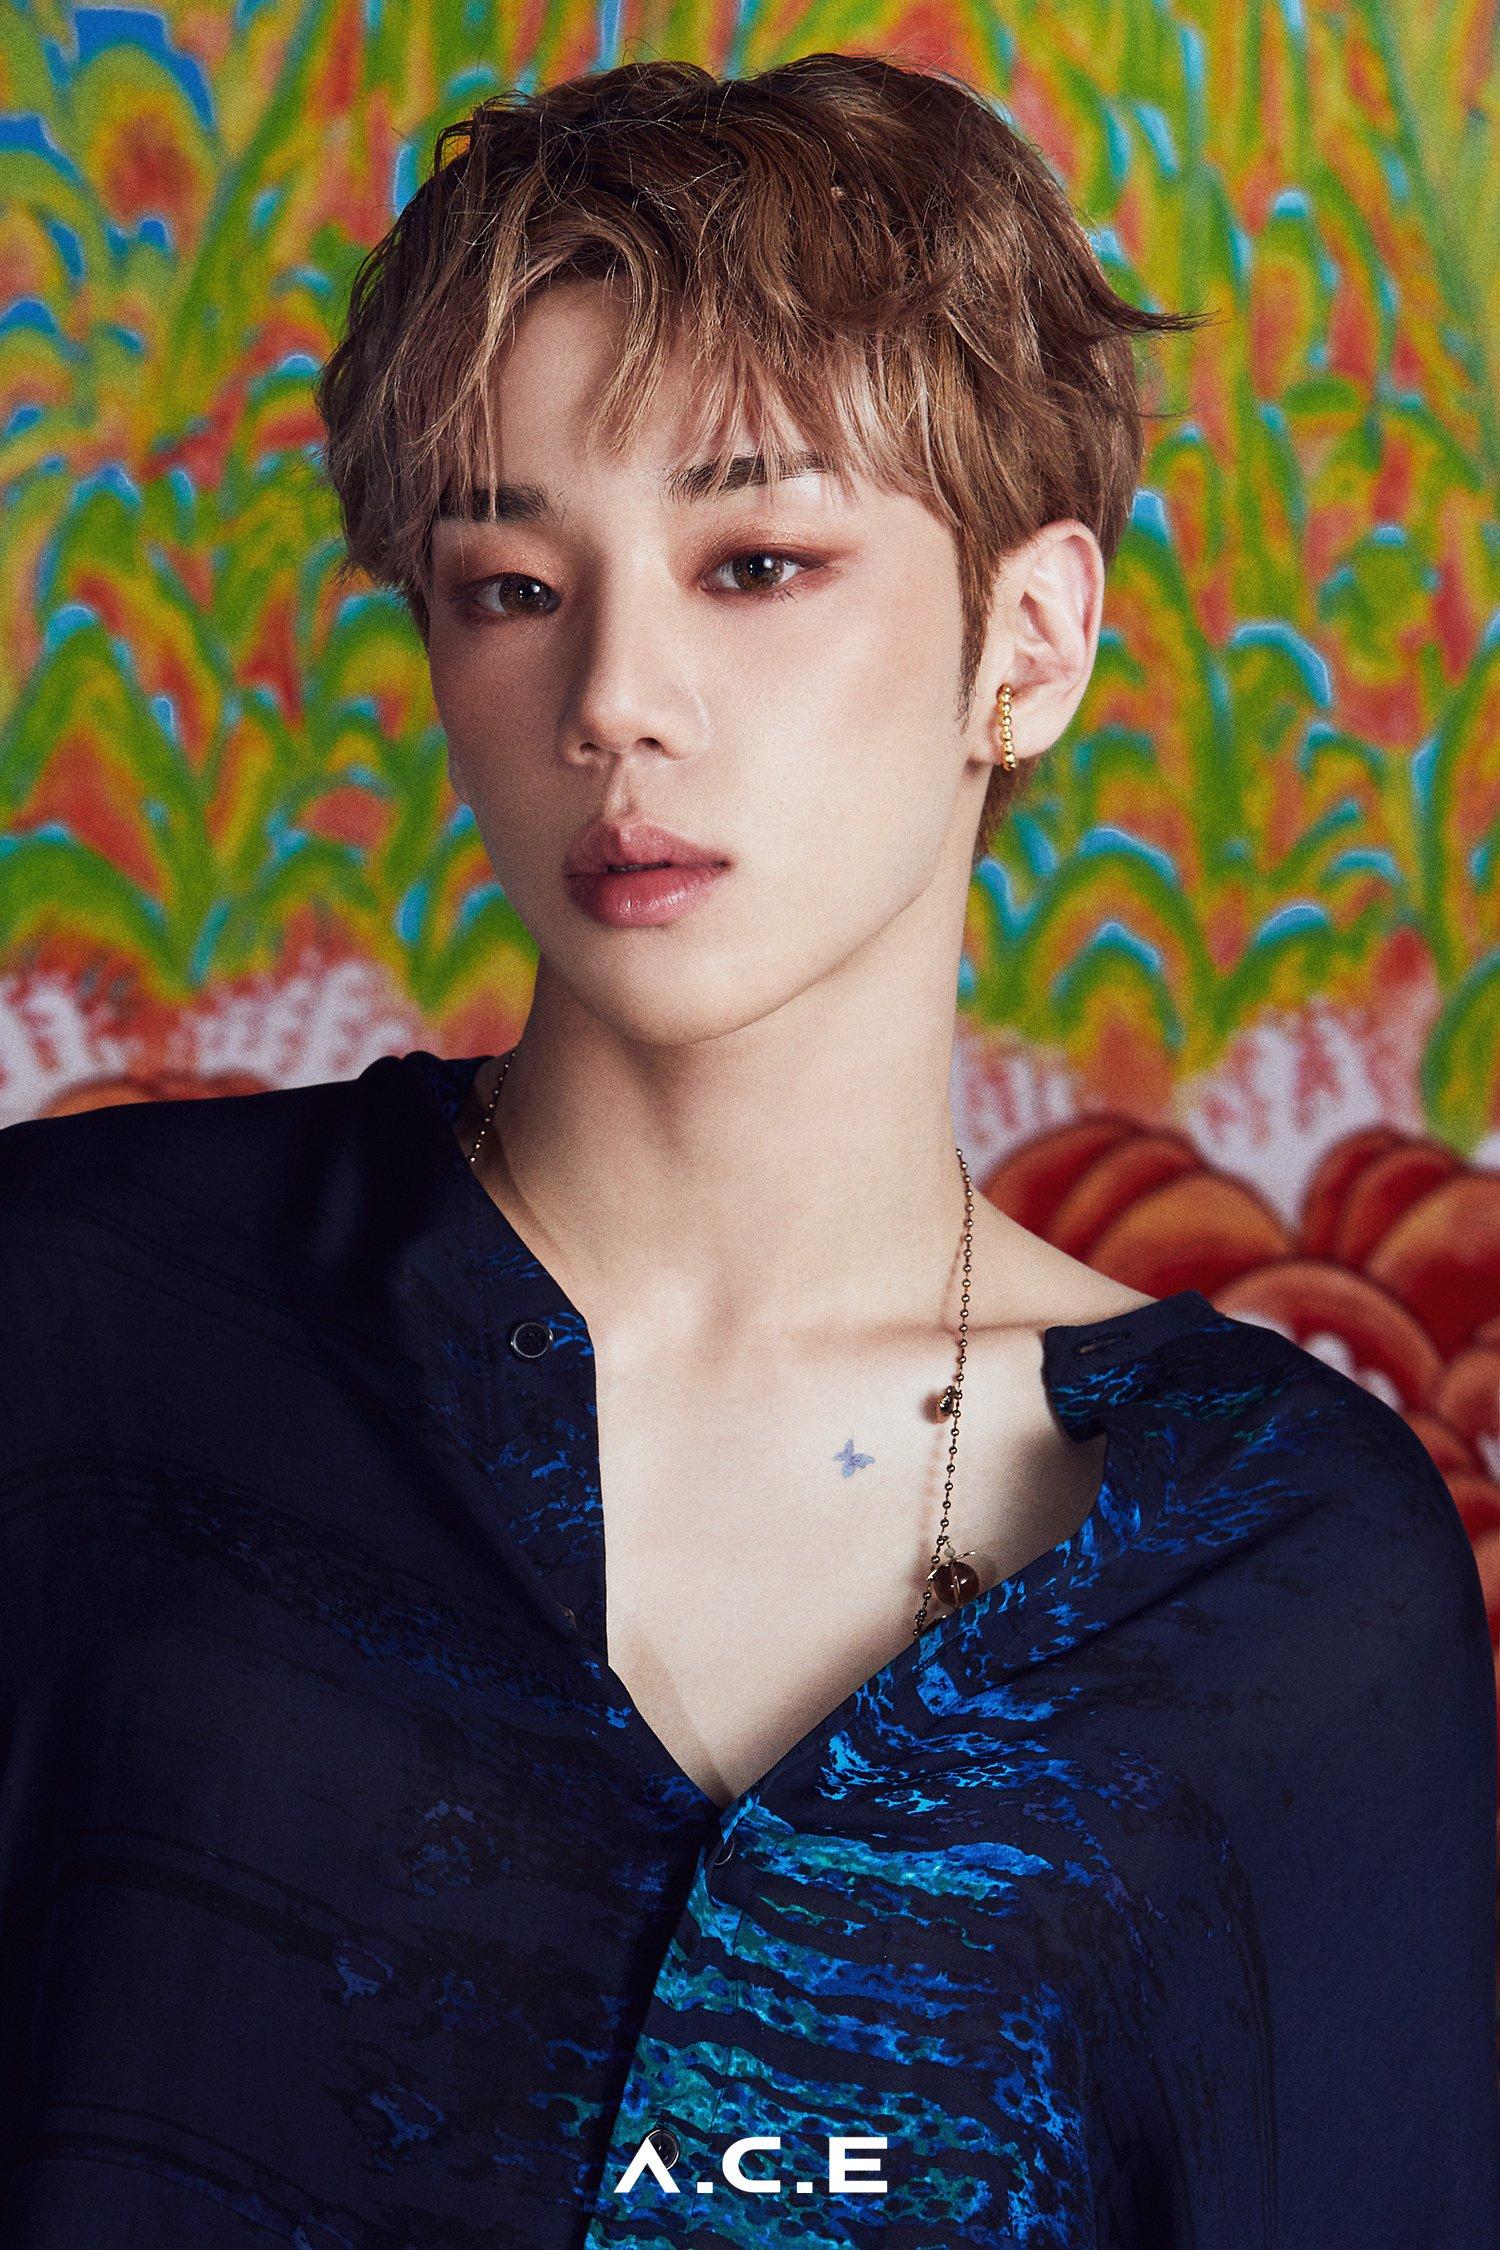 ace byeongkwan 11